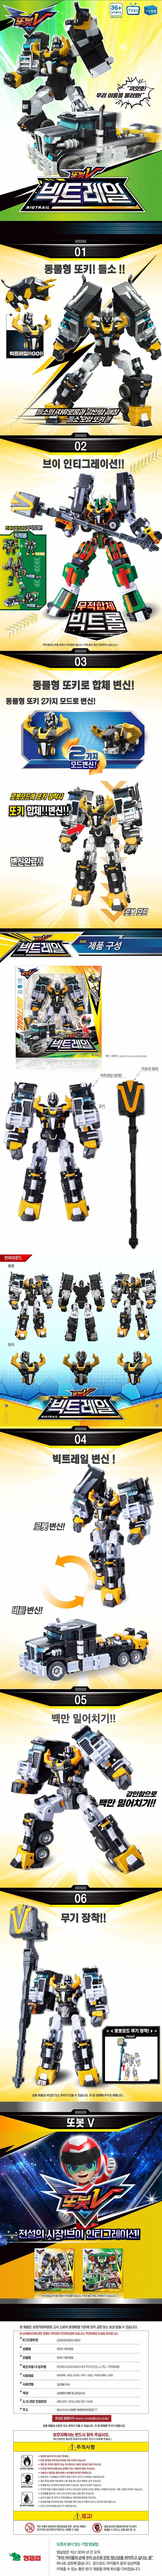 67500또봇V빅트레일 - 아트윈, 67,500원, 로봇/틴토이, 로봇